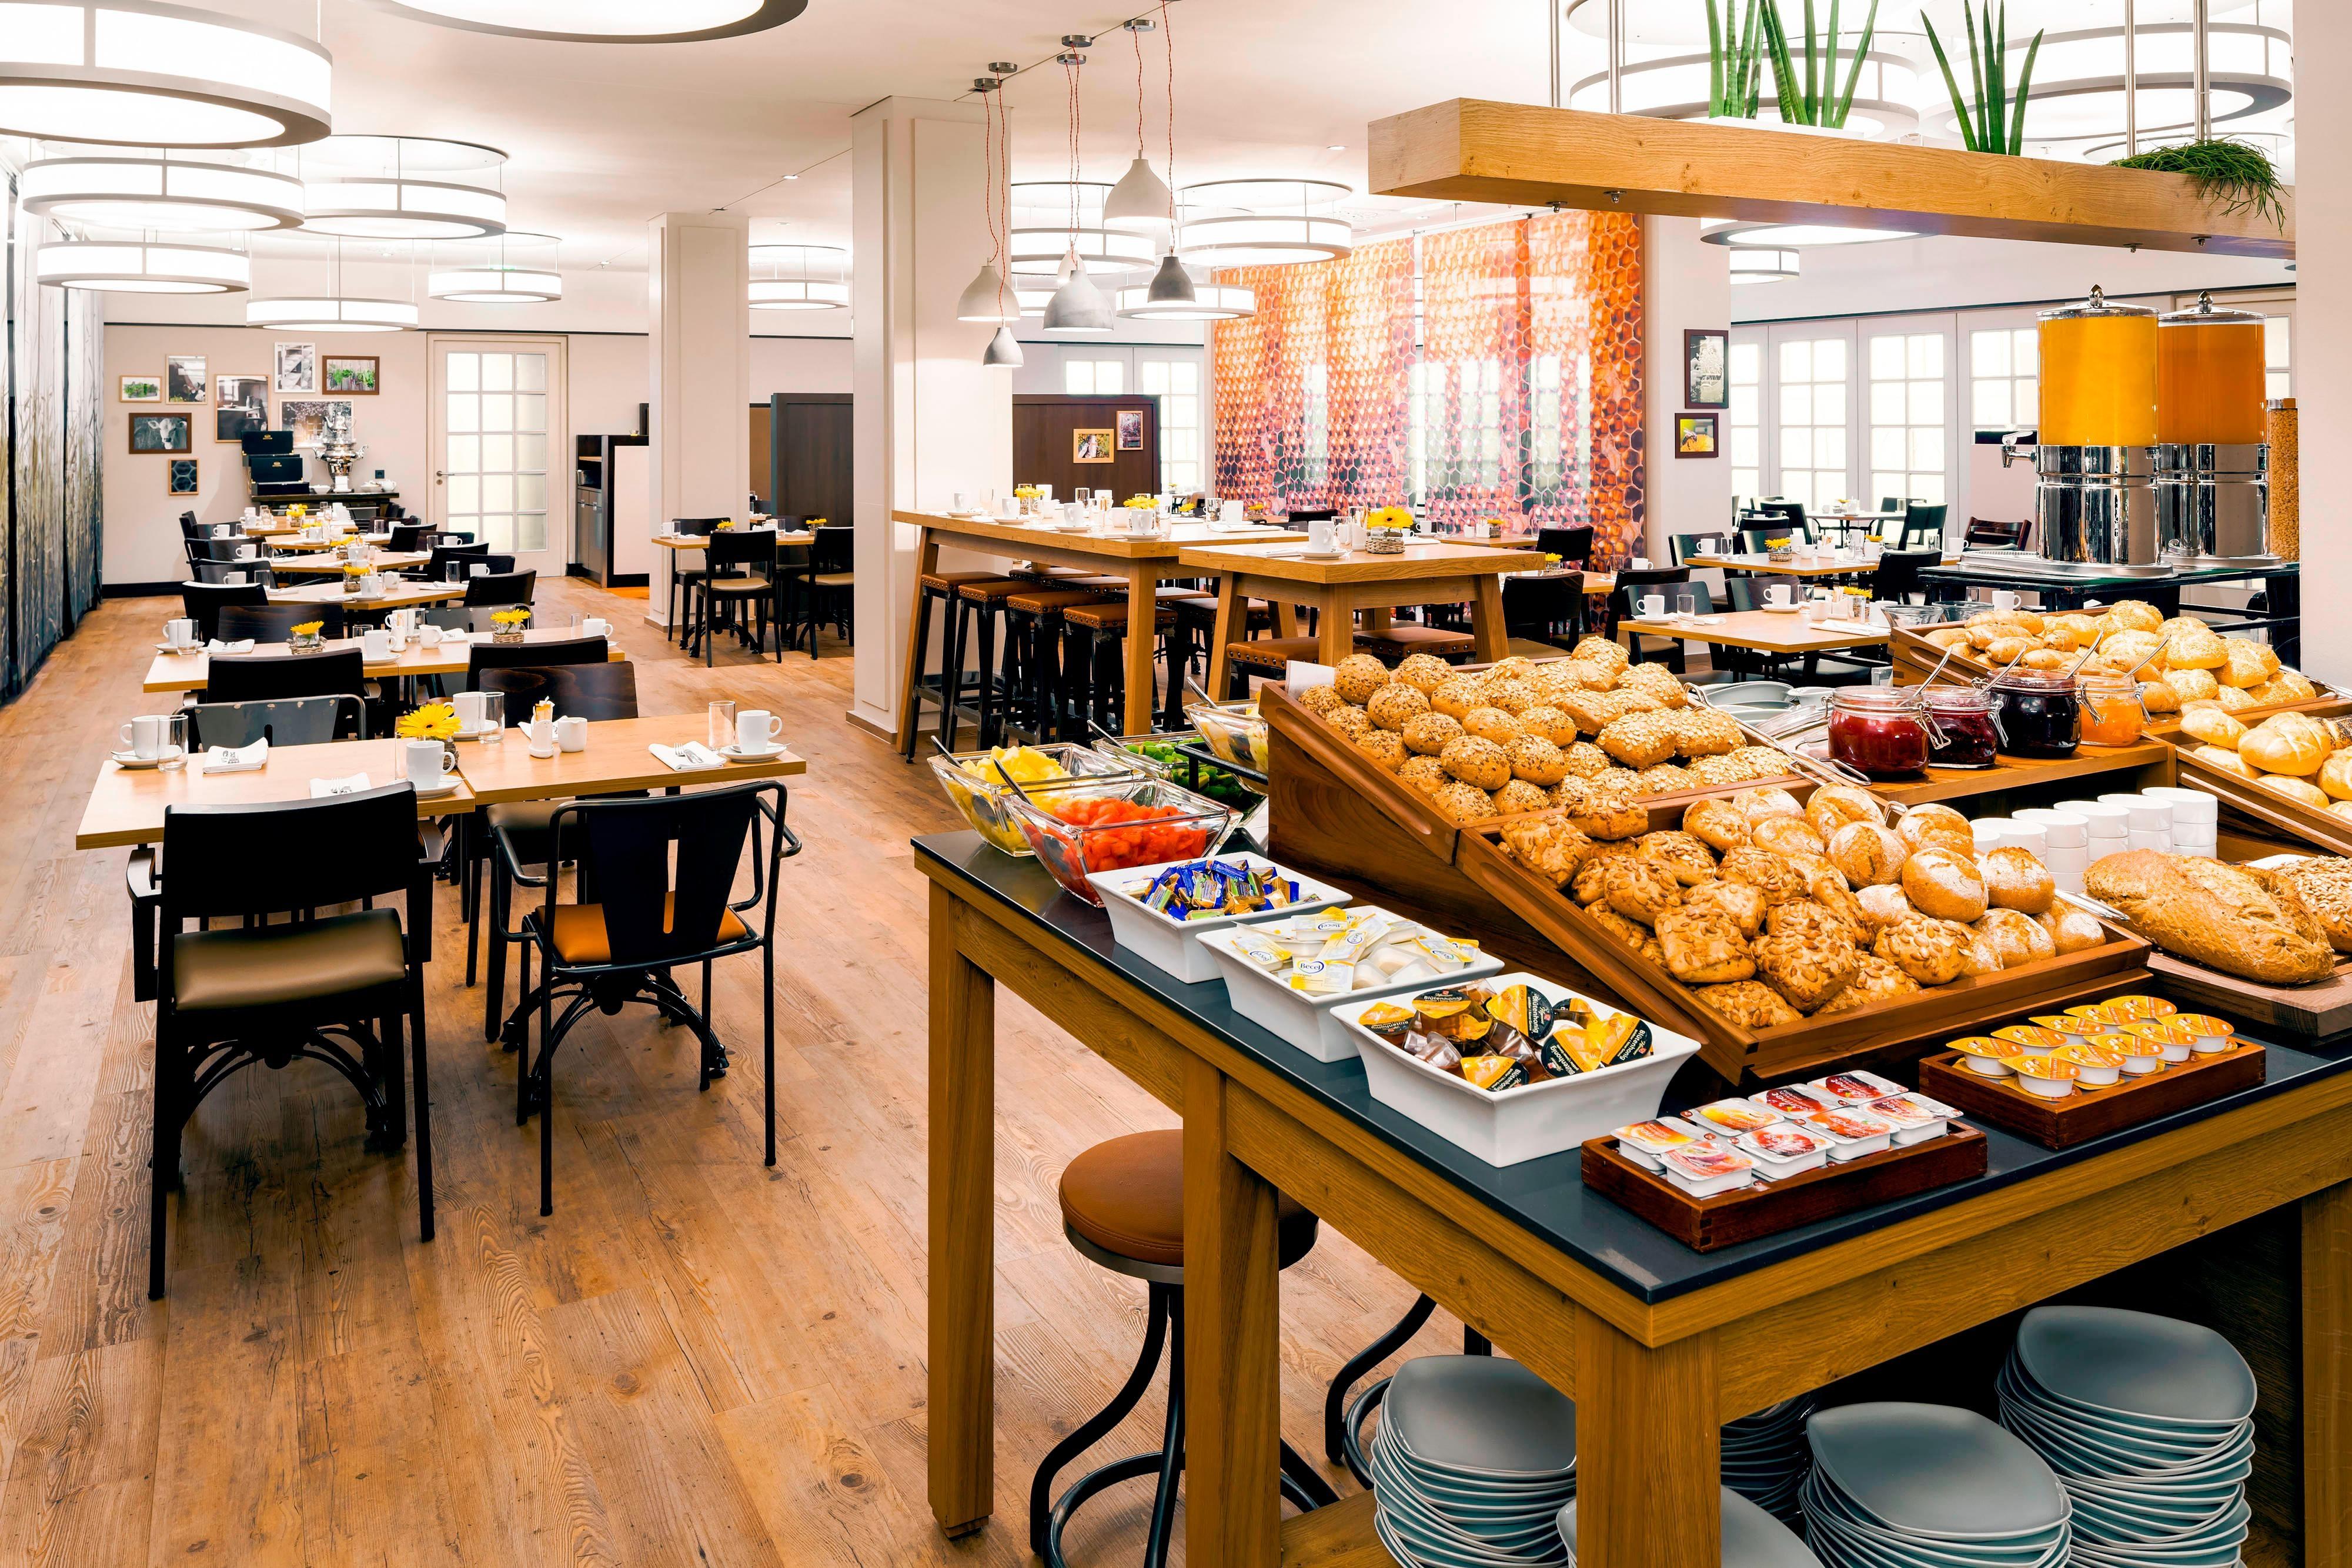 Frühstücksbüfett im Hotel in München